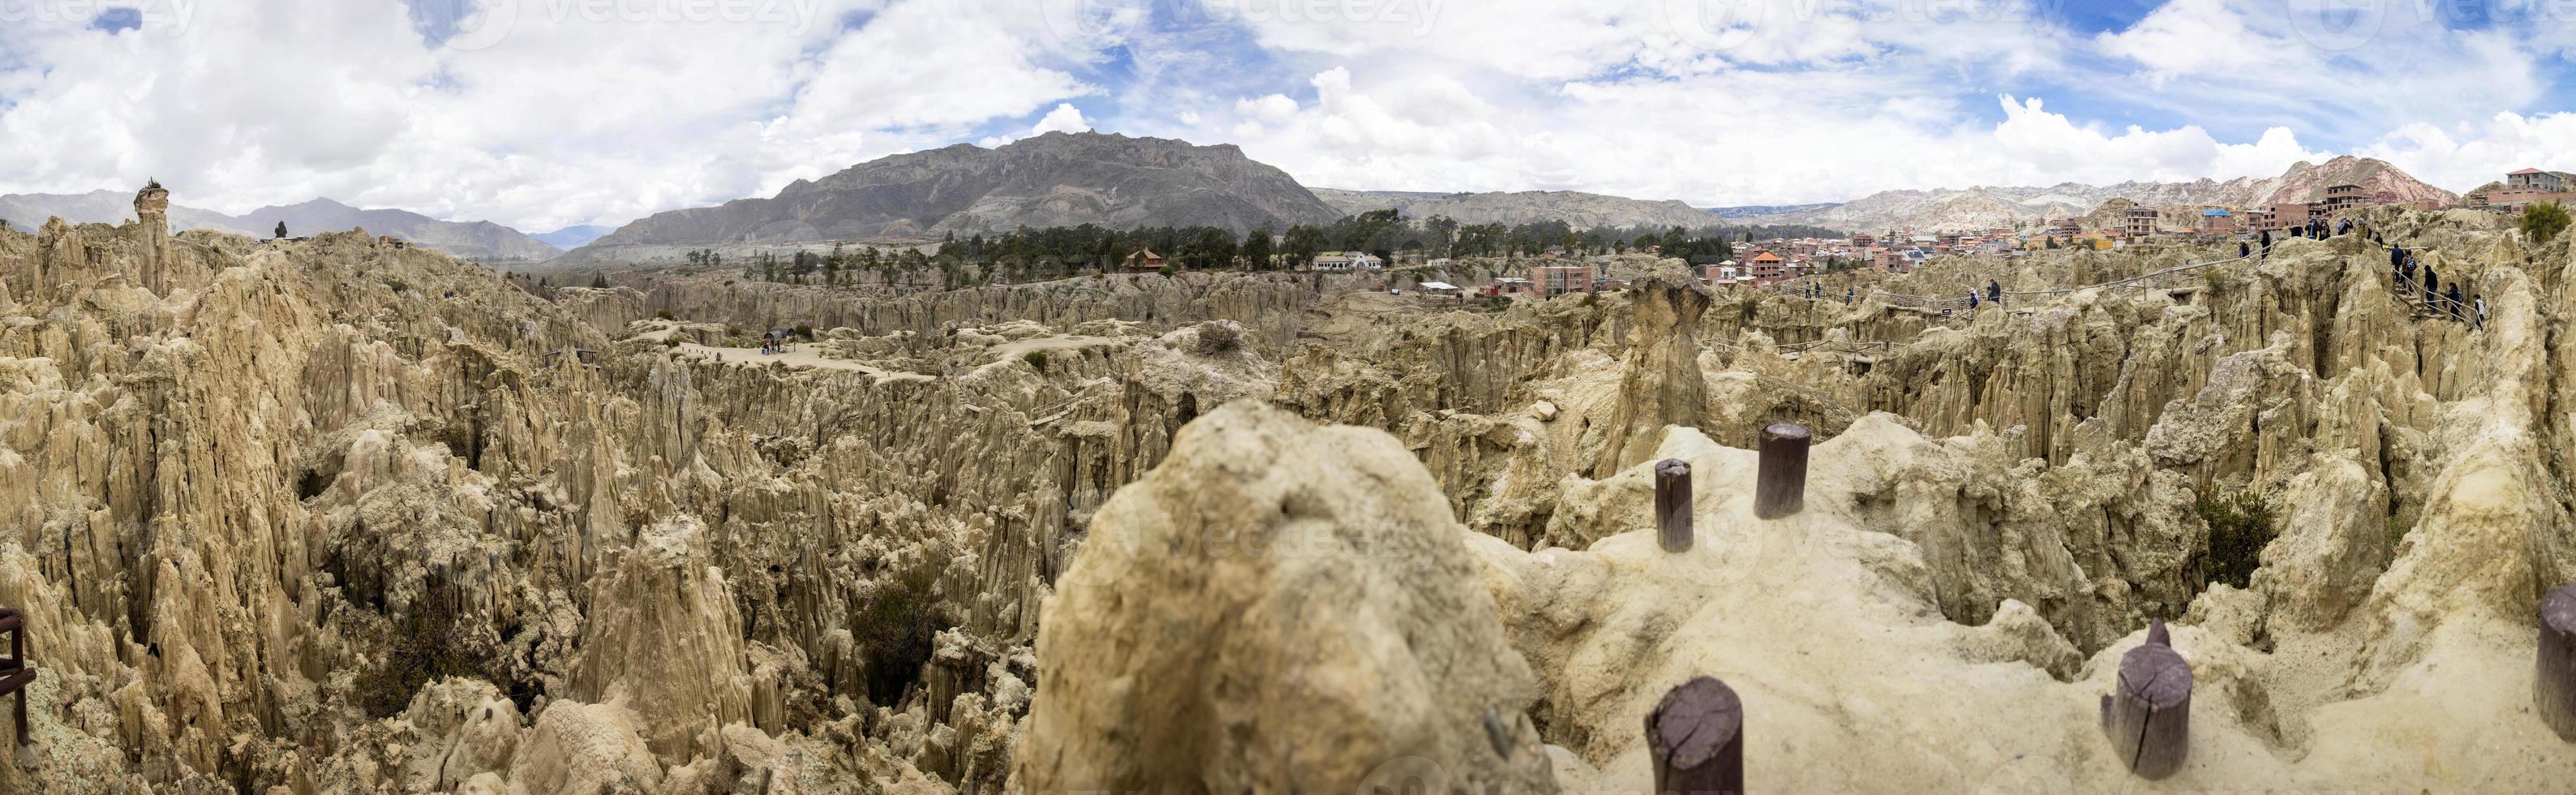 valle de la luna en bolivia foto